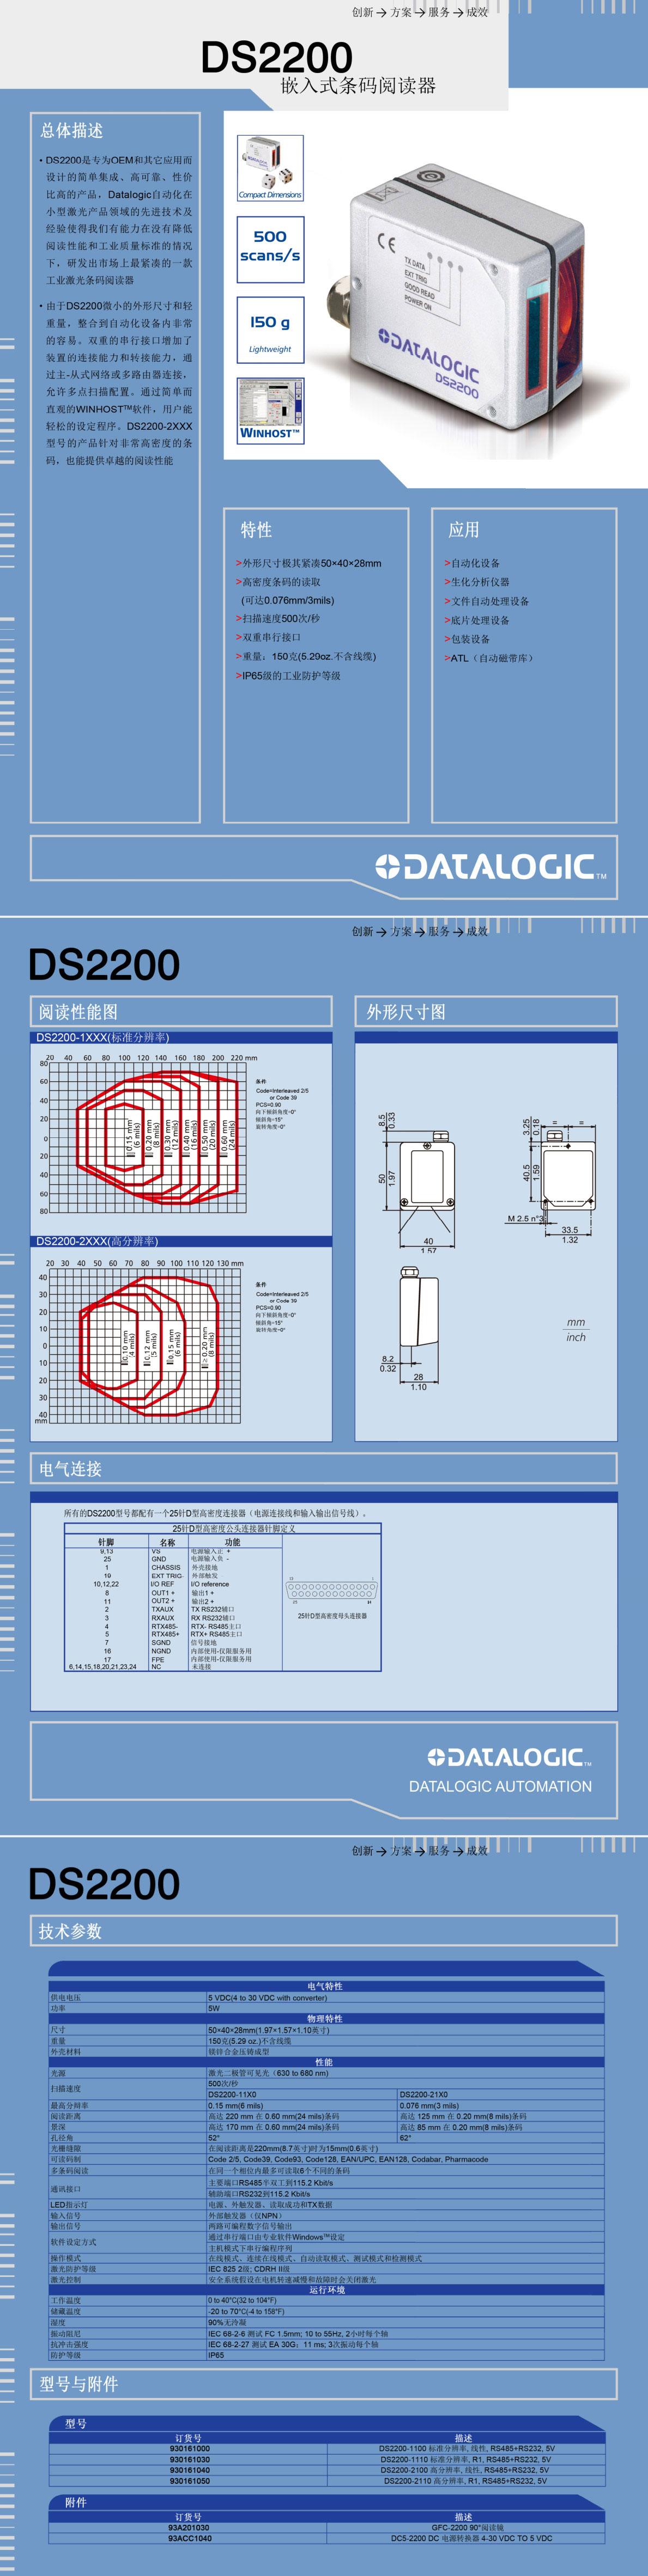 DS2200嵌入式条码阅读器产品